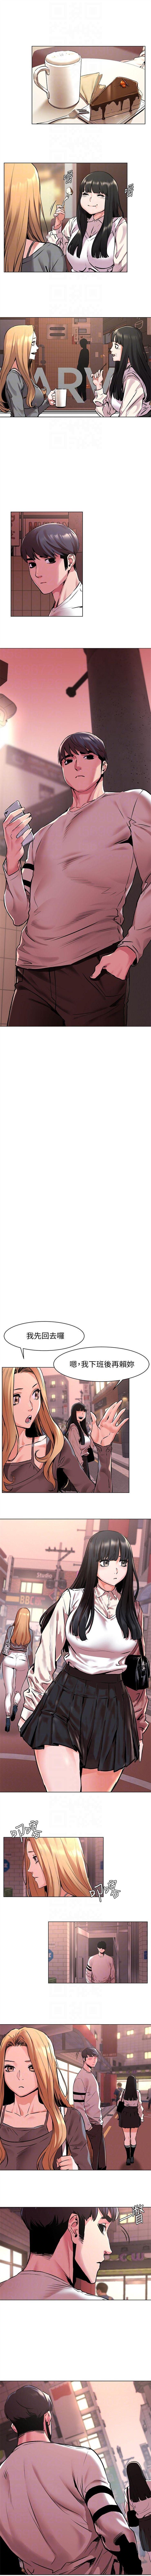 (週5)衝突 1-94 中文翻譯 (更新中) 332